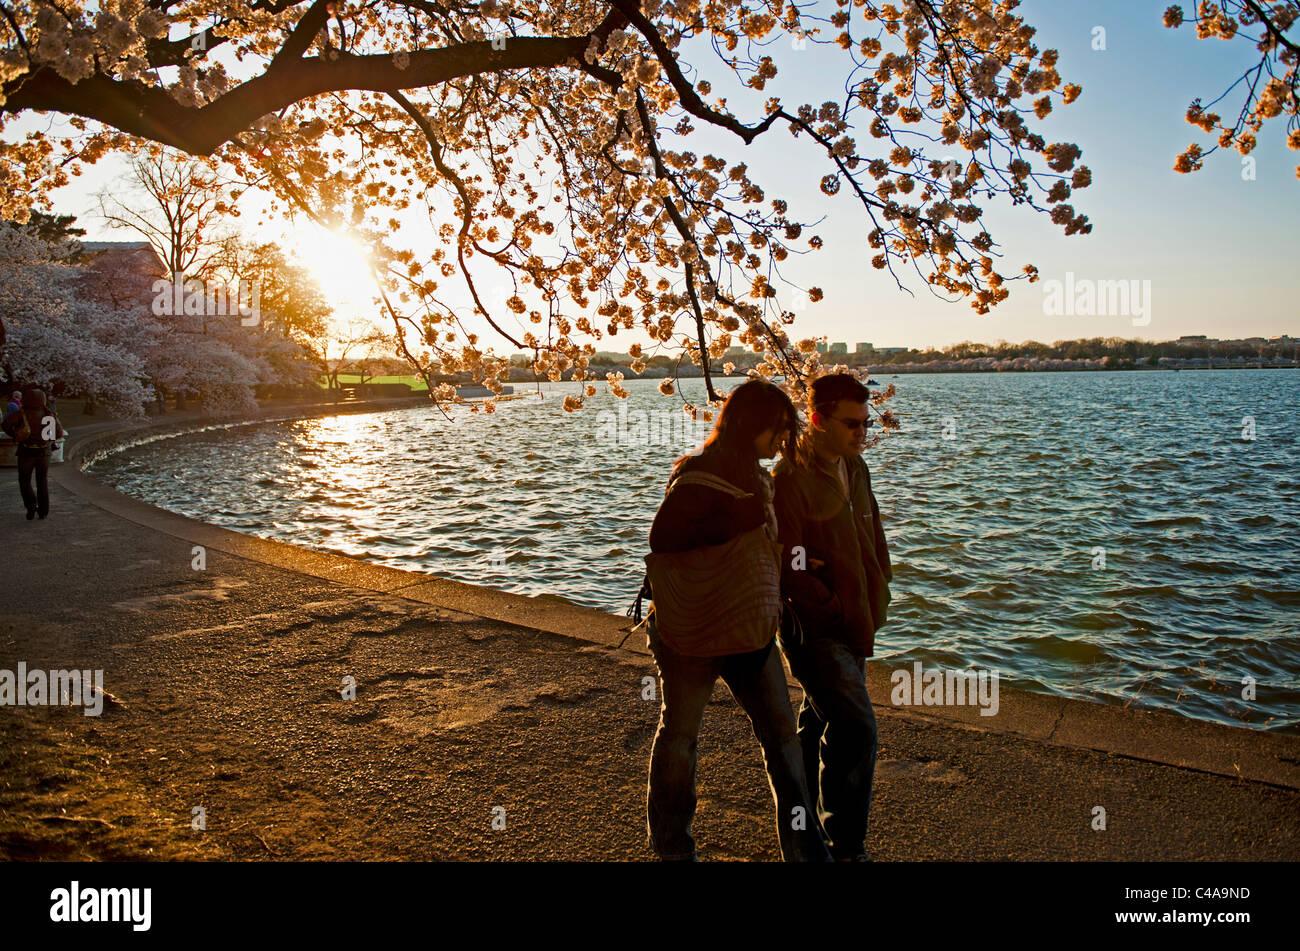 Un homme & femme marche le chemin autour du Tidal Basin à Washington DC, au coucher du soleil pendant les heures de grande floraison de fleurs de la cerise Banque D'Images